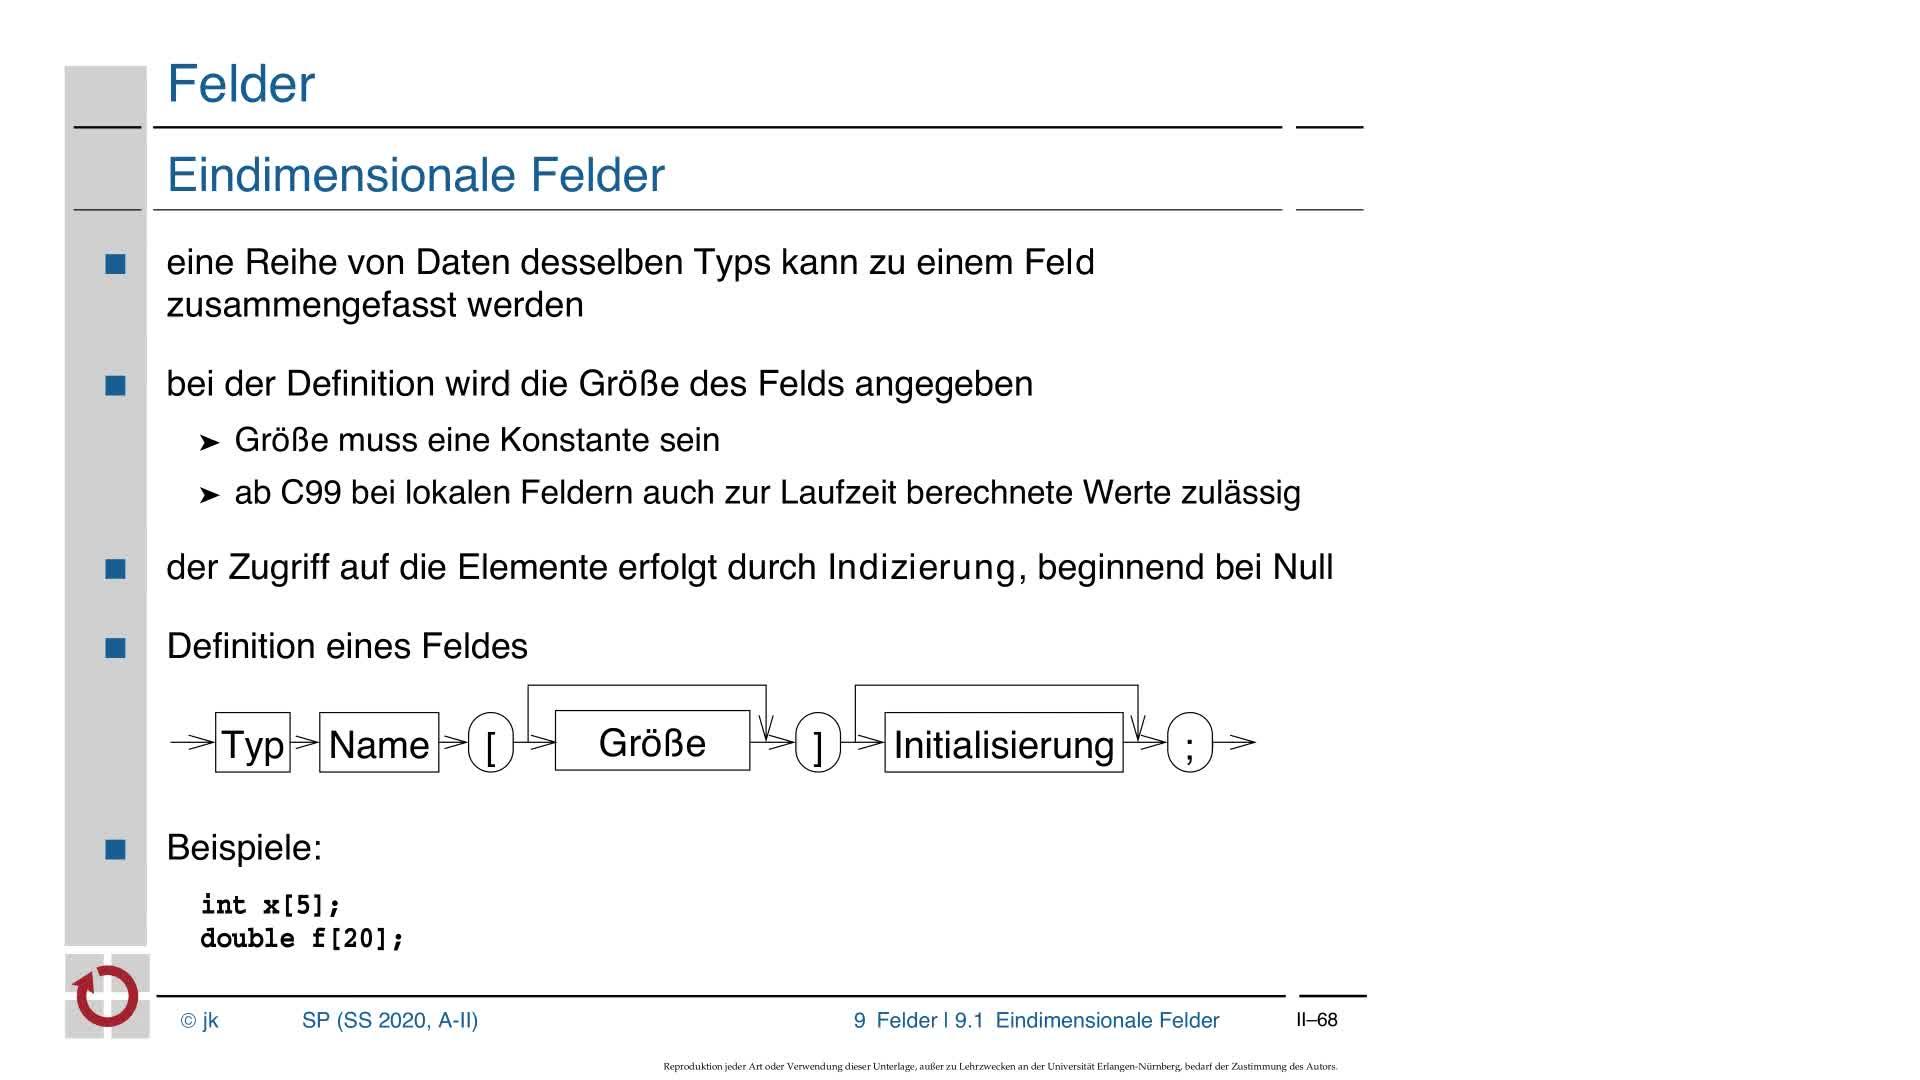 2.4.1 C-Kurzeinführung: Felder, Zeiger und Felder, Zeigerarithmetik, Mehrdimensionale Felder preview image